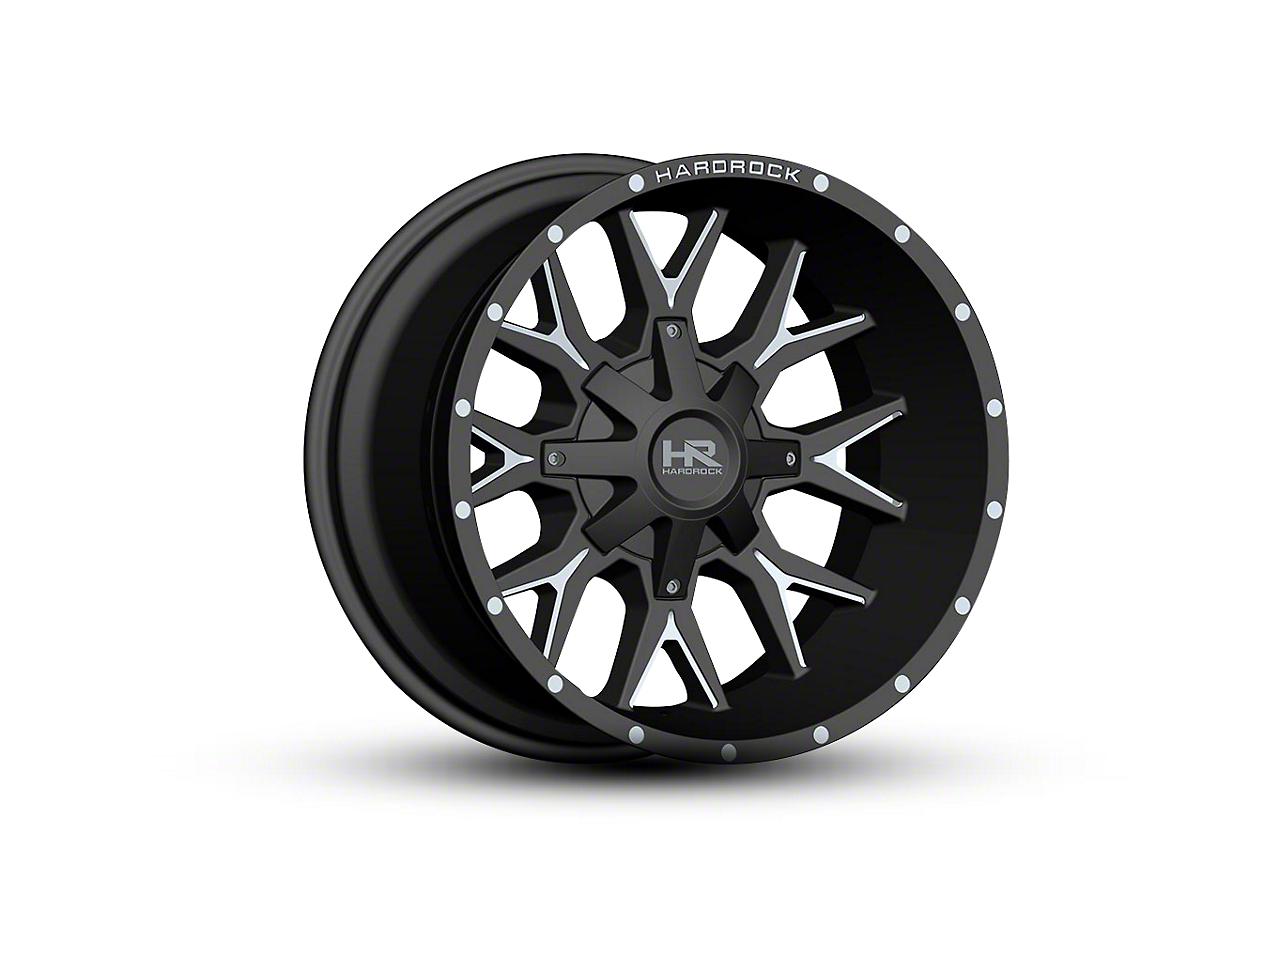 Hardrock Offroad H700 AFFLICTION Black Milled 6-Lug Wheel - 22x10 (04-18 F-150)